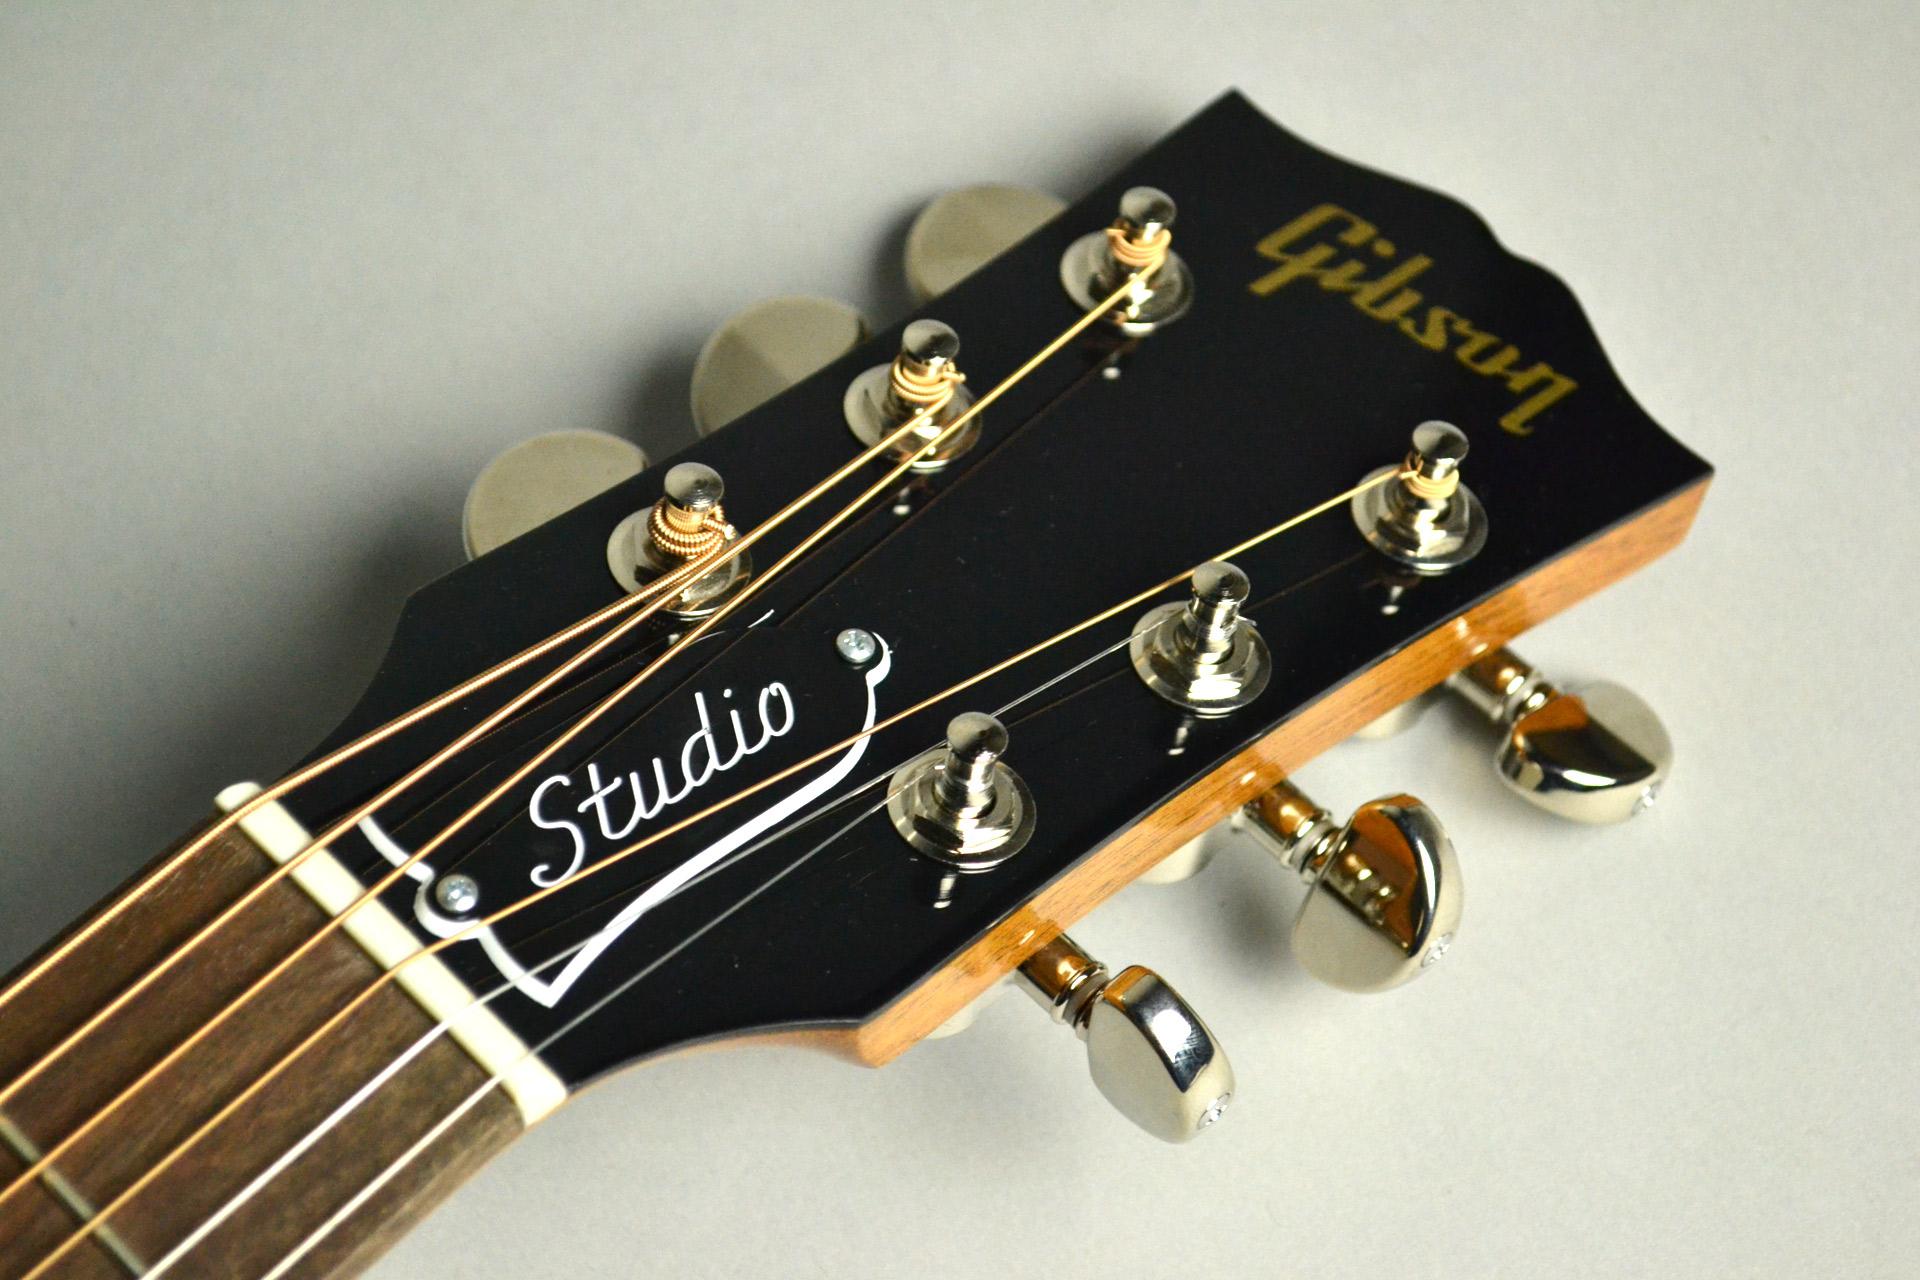 J-45 Studioのヘッド画像